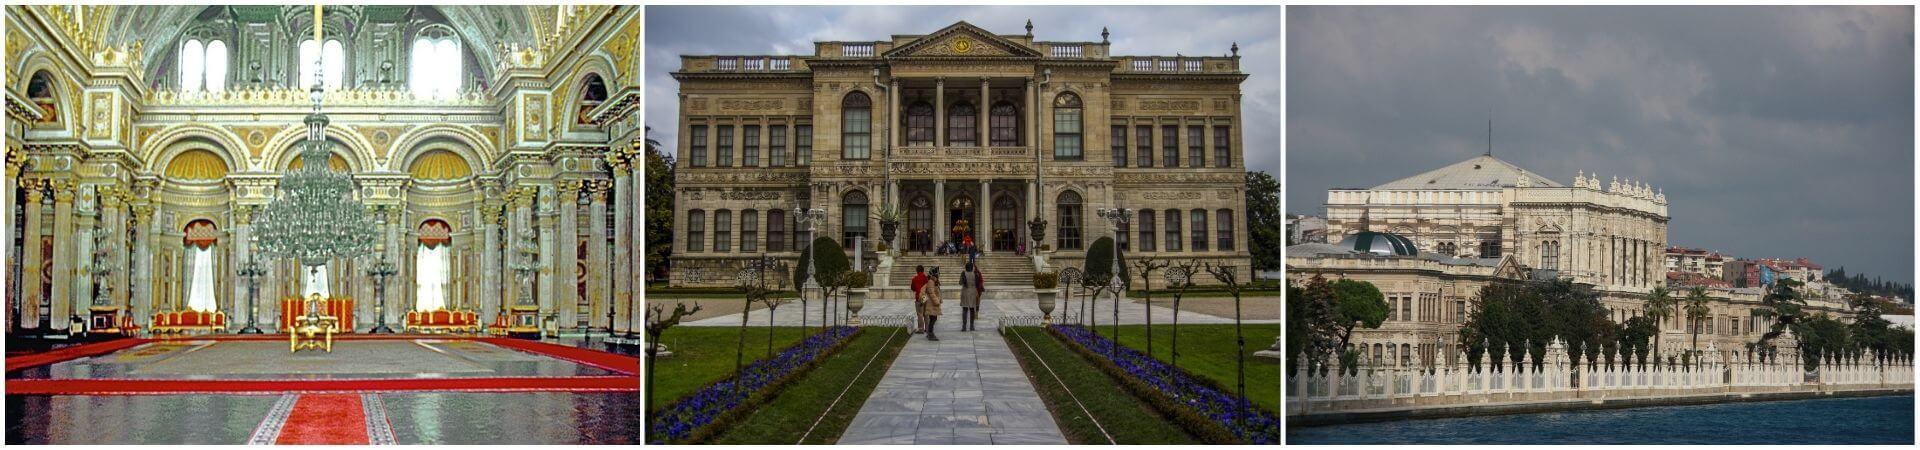 جولة في قصر دولما بهجة